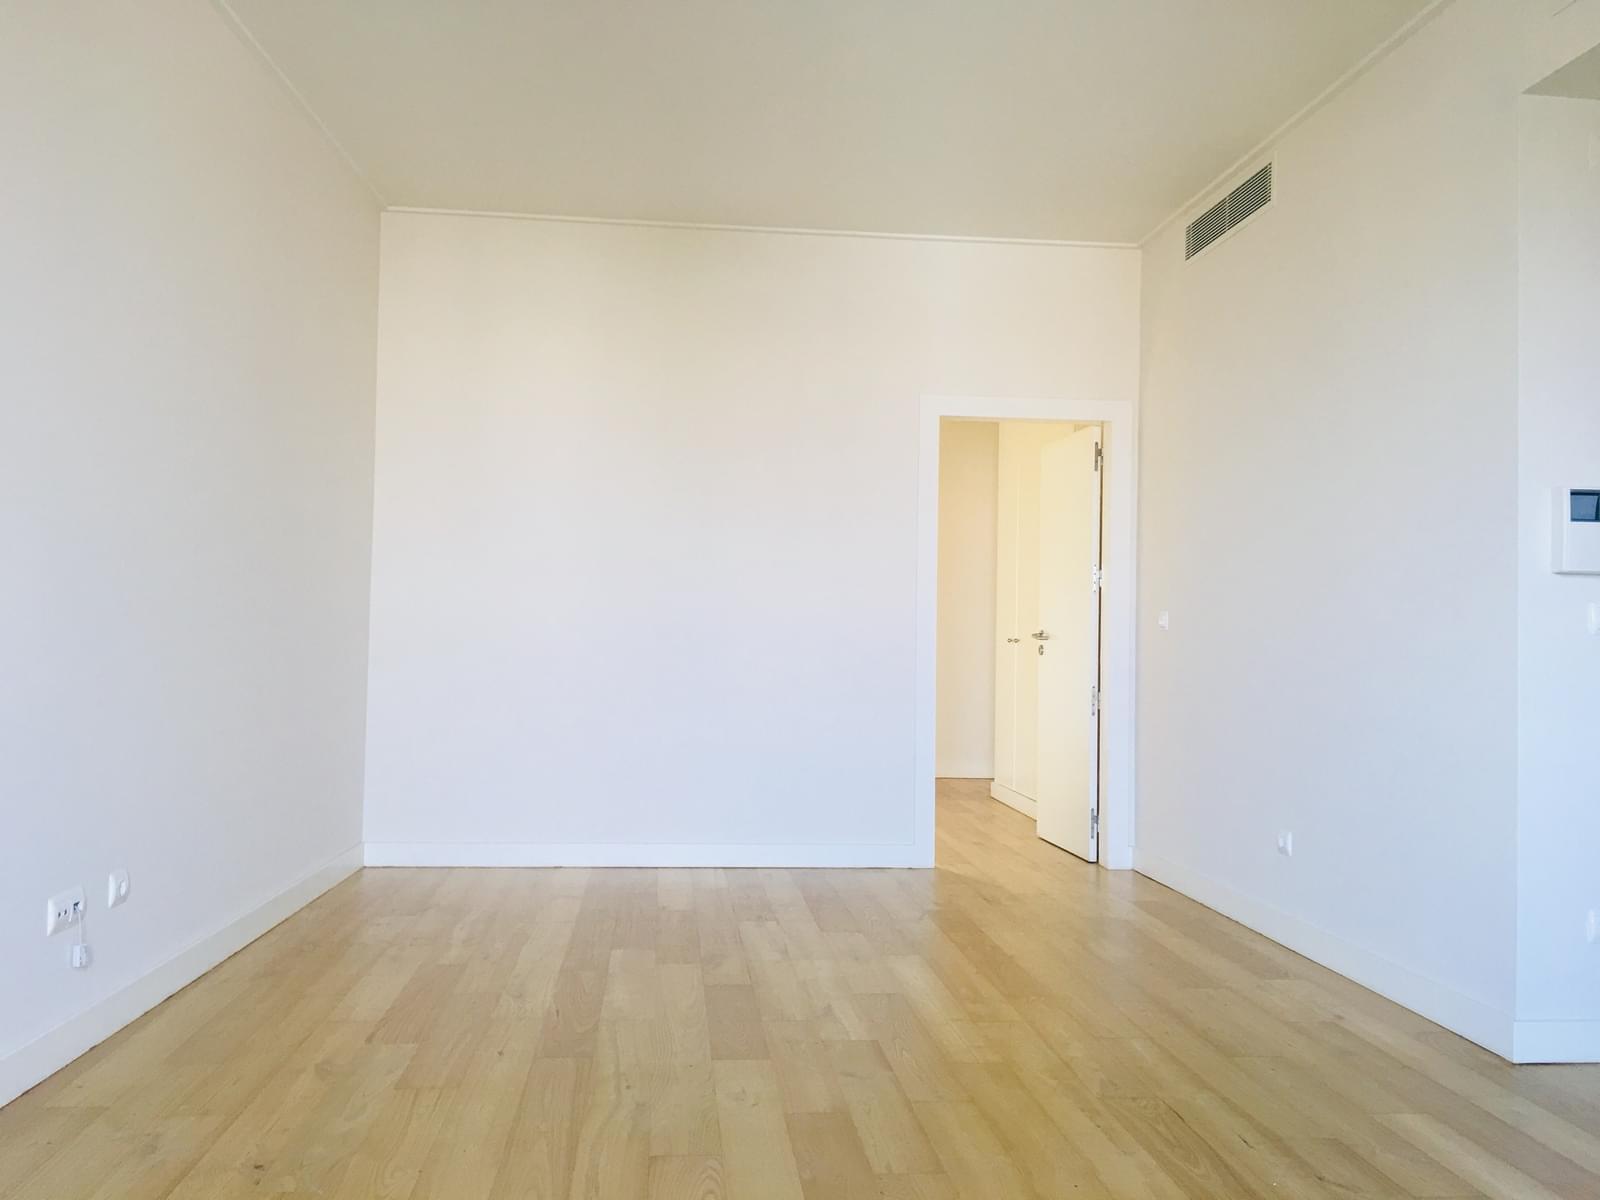 pf18822-apartamento-t1-lisboa-ca287642-932d-4689-b4a4-9a7759089b1c